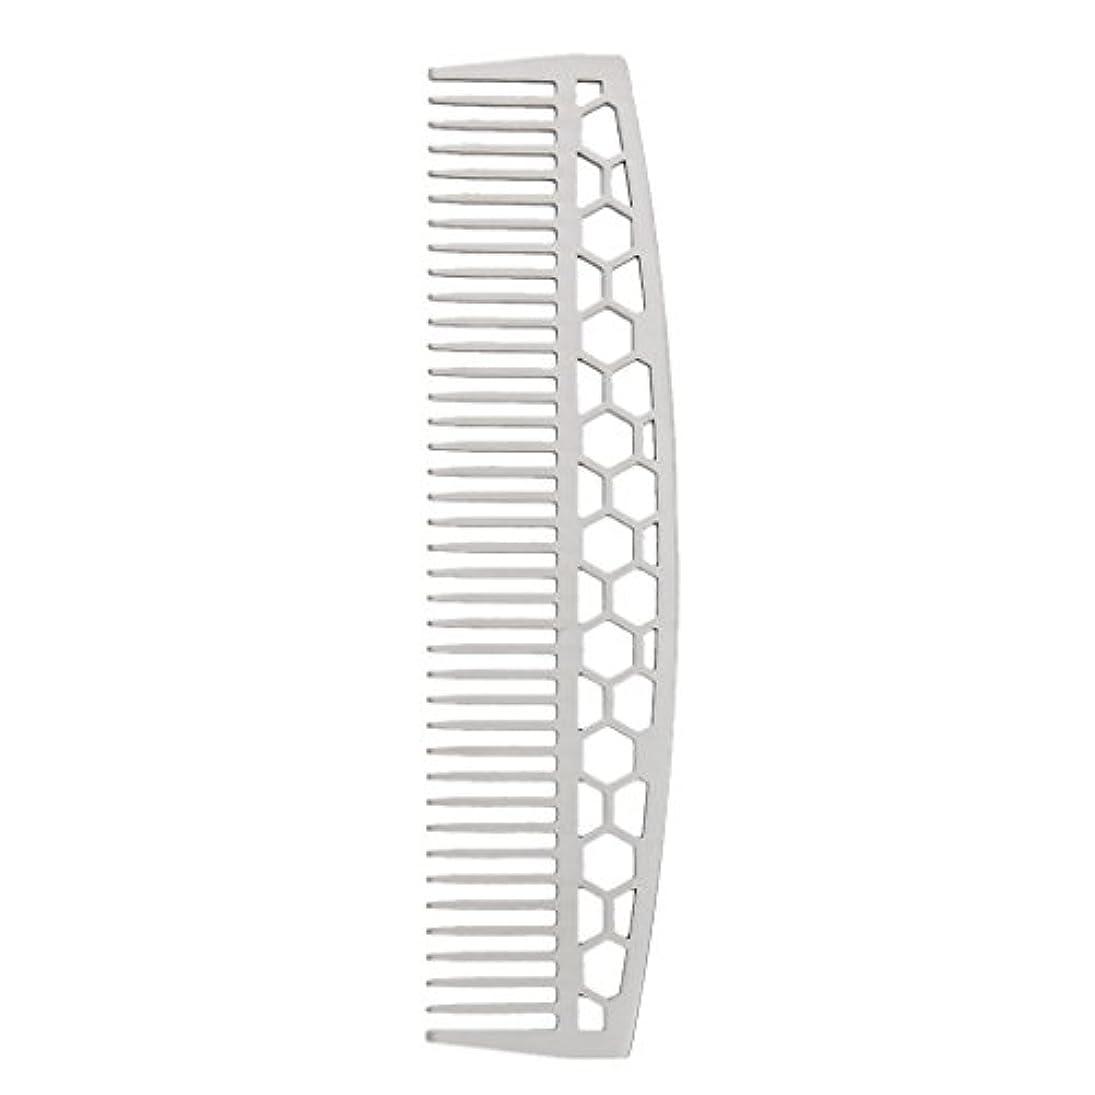 より同種の同化ビアードコーム ひげブラシ ヘアコーム 家庭用櫛 ステンレス 2タイプ - #1